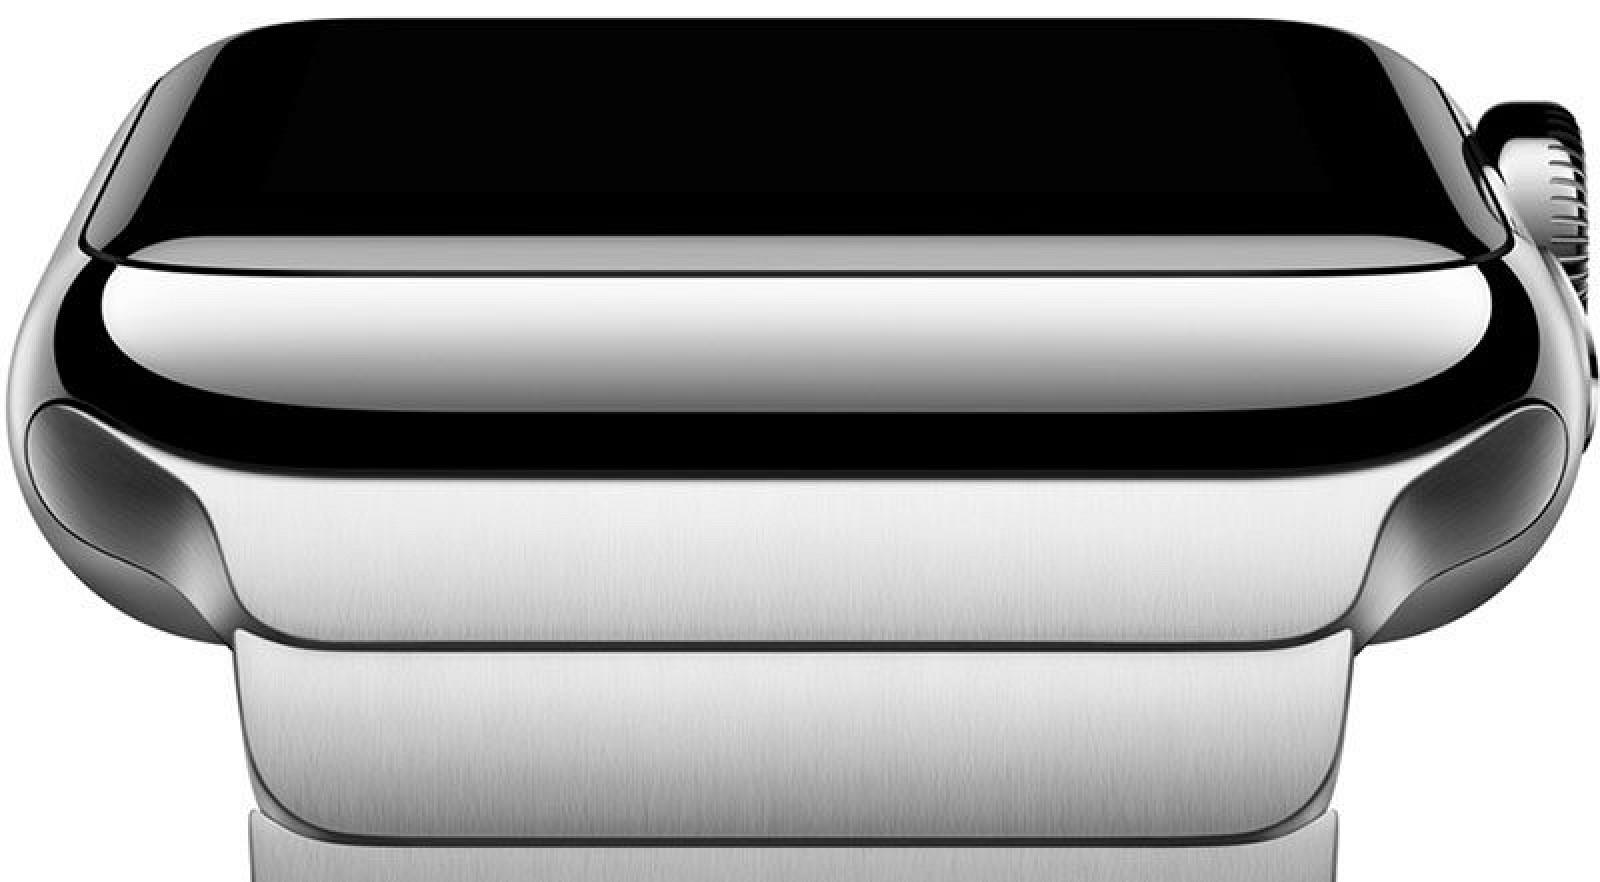 Apple сообщила о переговорах с PlayNitride, разработчиком более тонких и более ярких дисплеев MicroLED